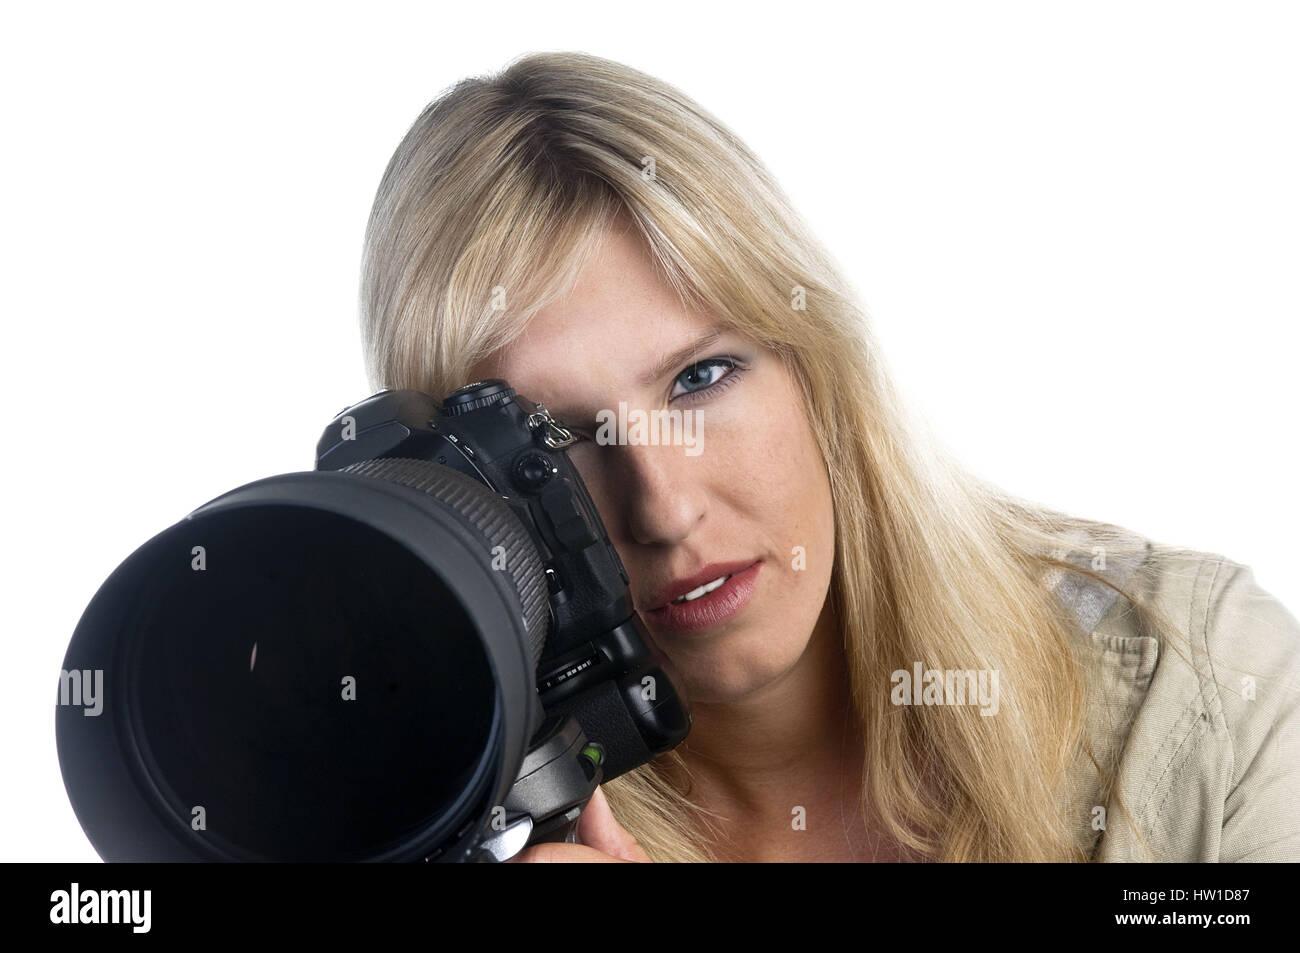 Fotografo, Fotografin Foto Stock